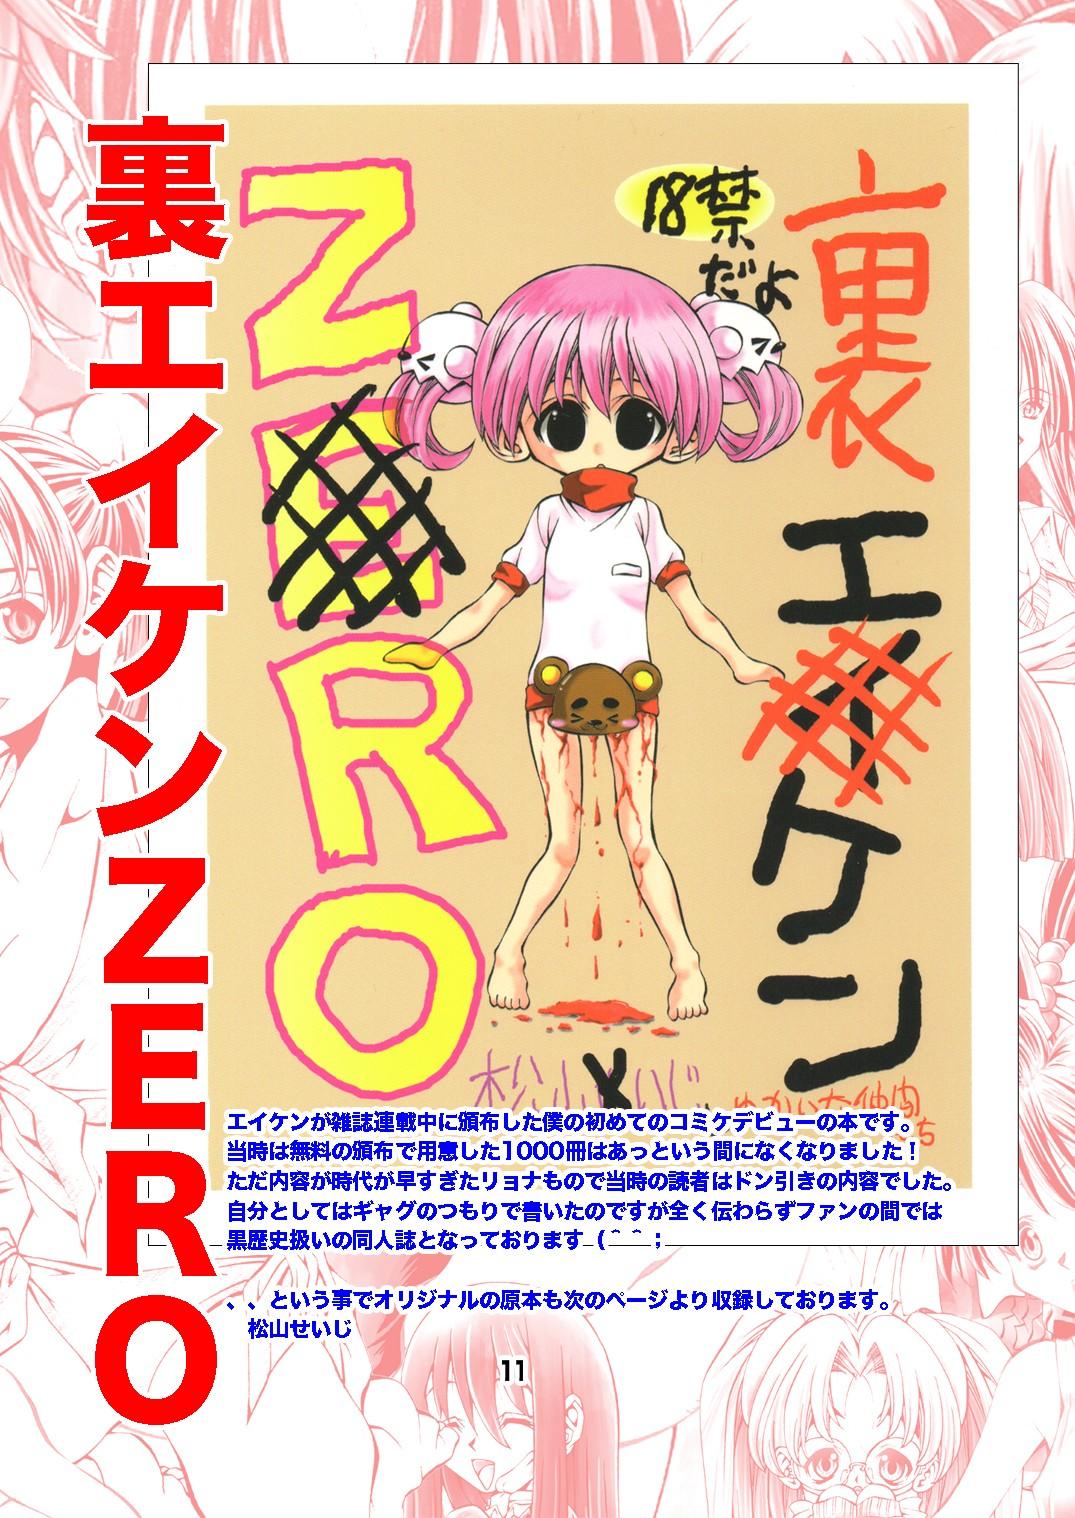 [同人]「裏エイケンZERO Download Edition」(松山せいじ)